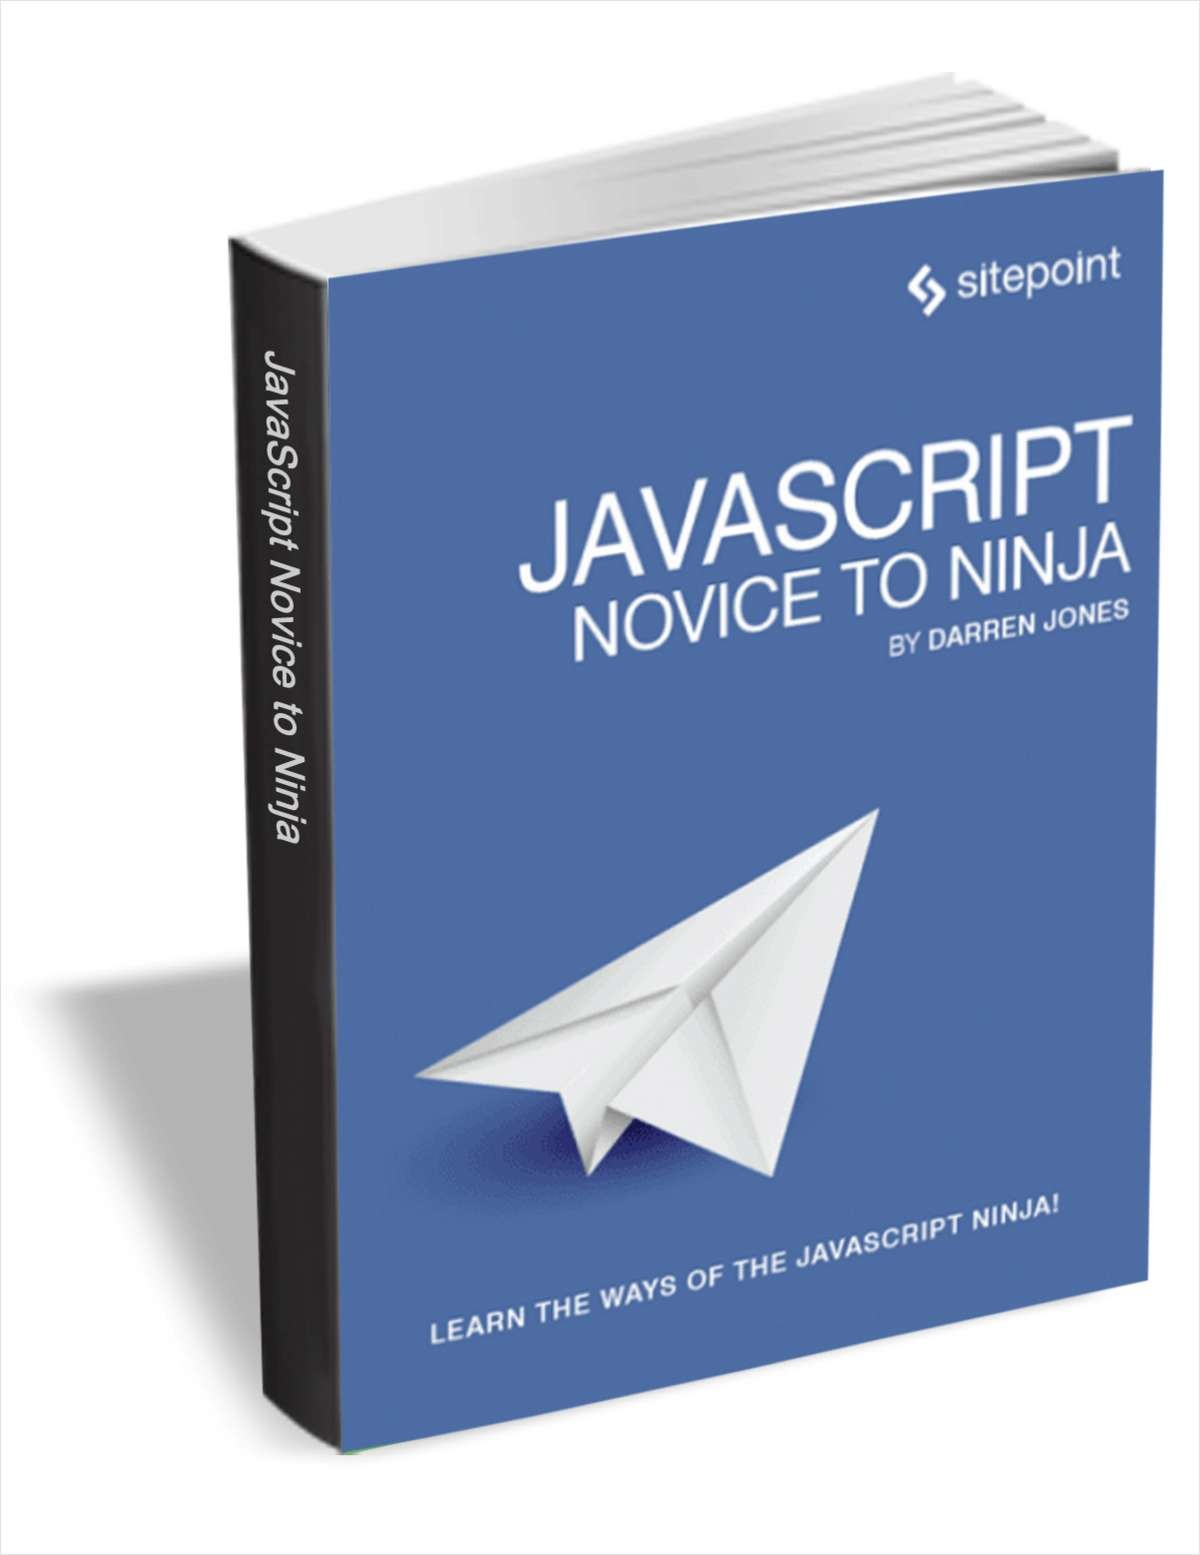 http://ullafrost.net/book/expert-aspnet-20-advanced-application-design-experts-voice-in-net/